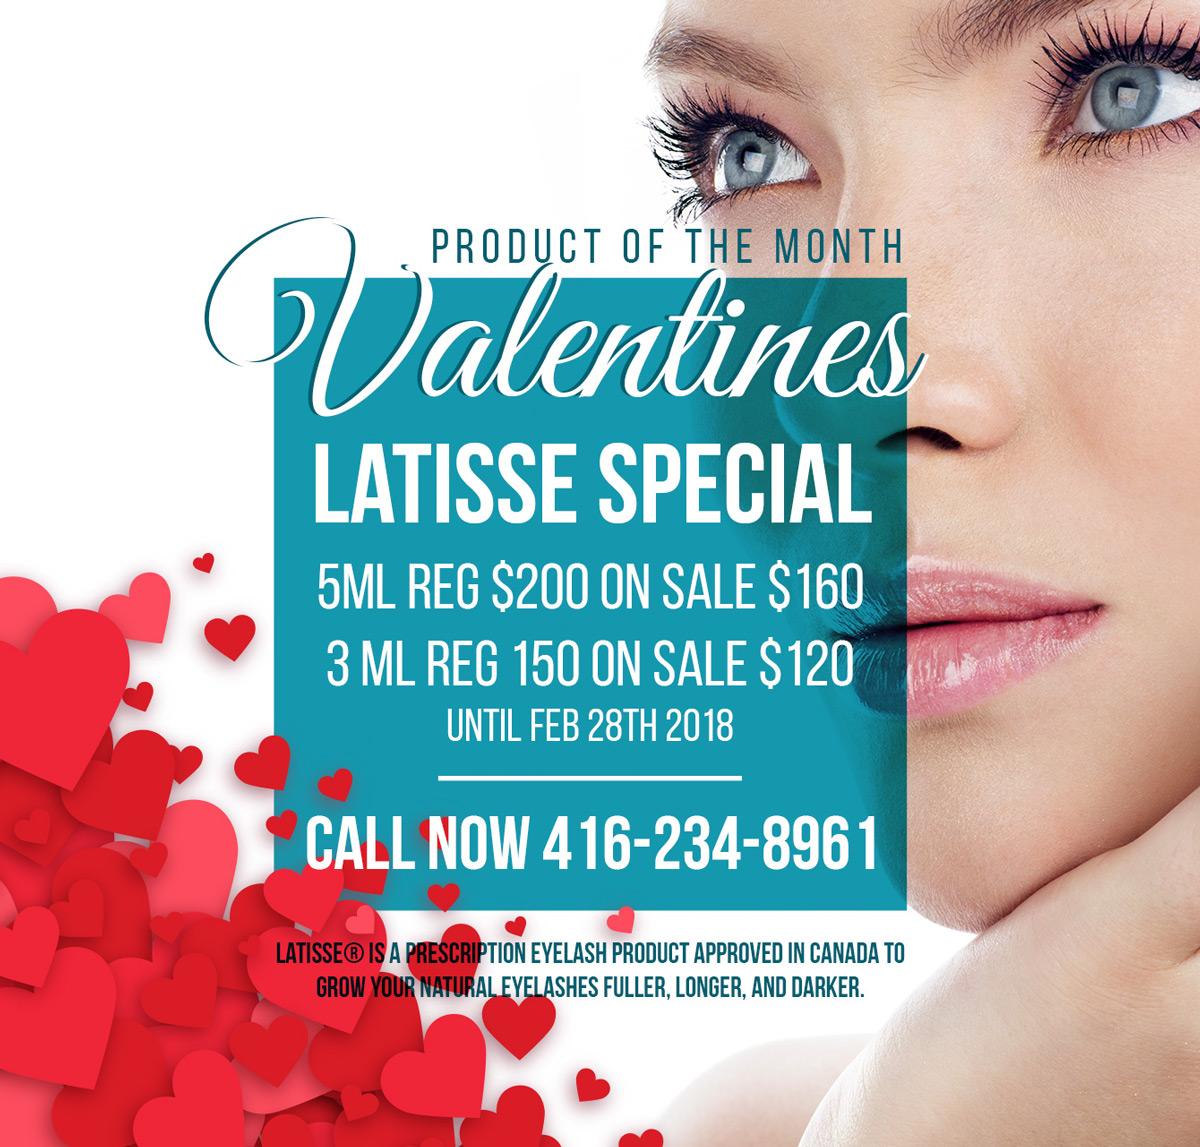 Valentines Latisse Special